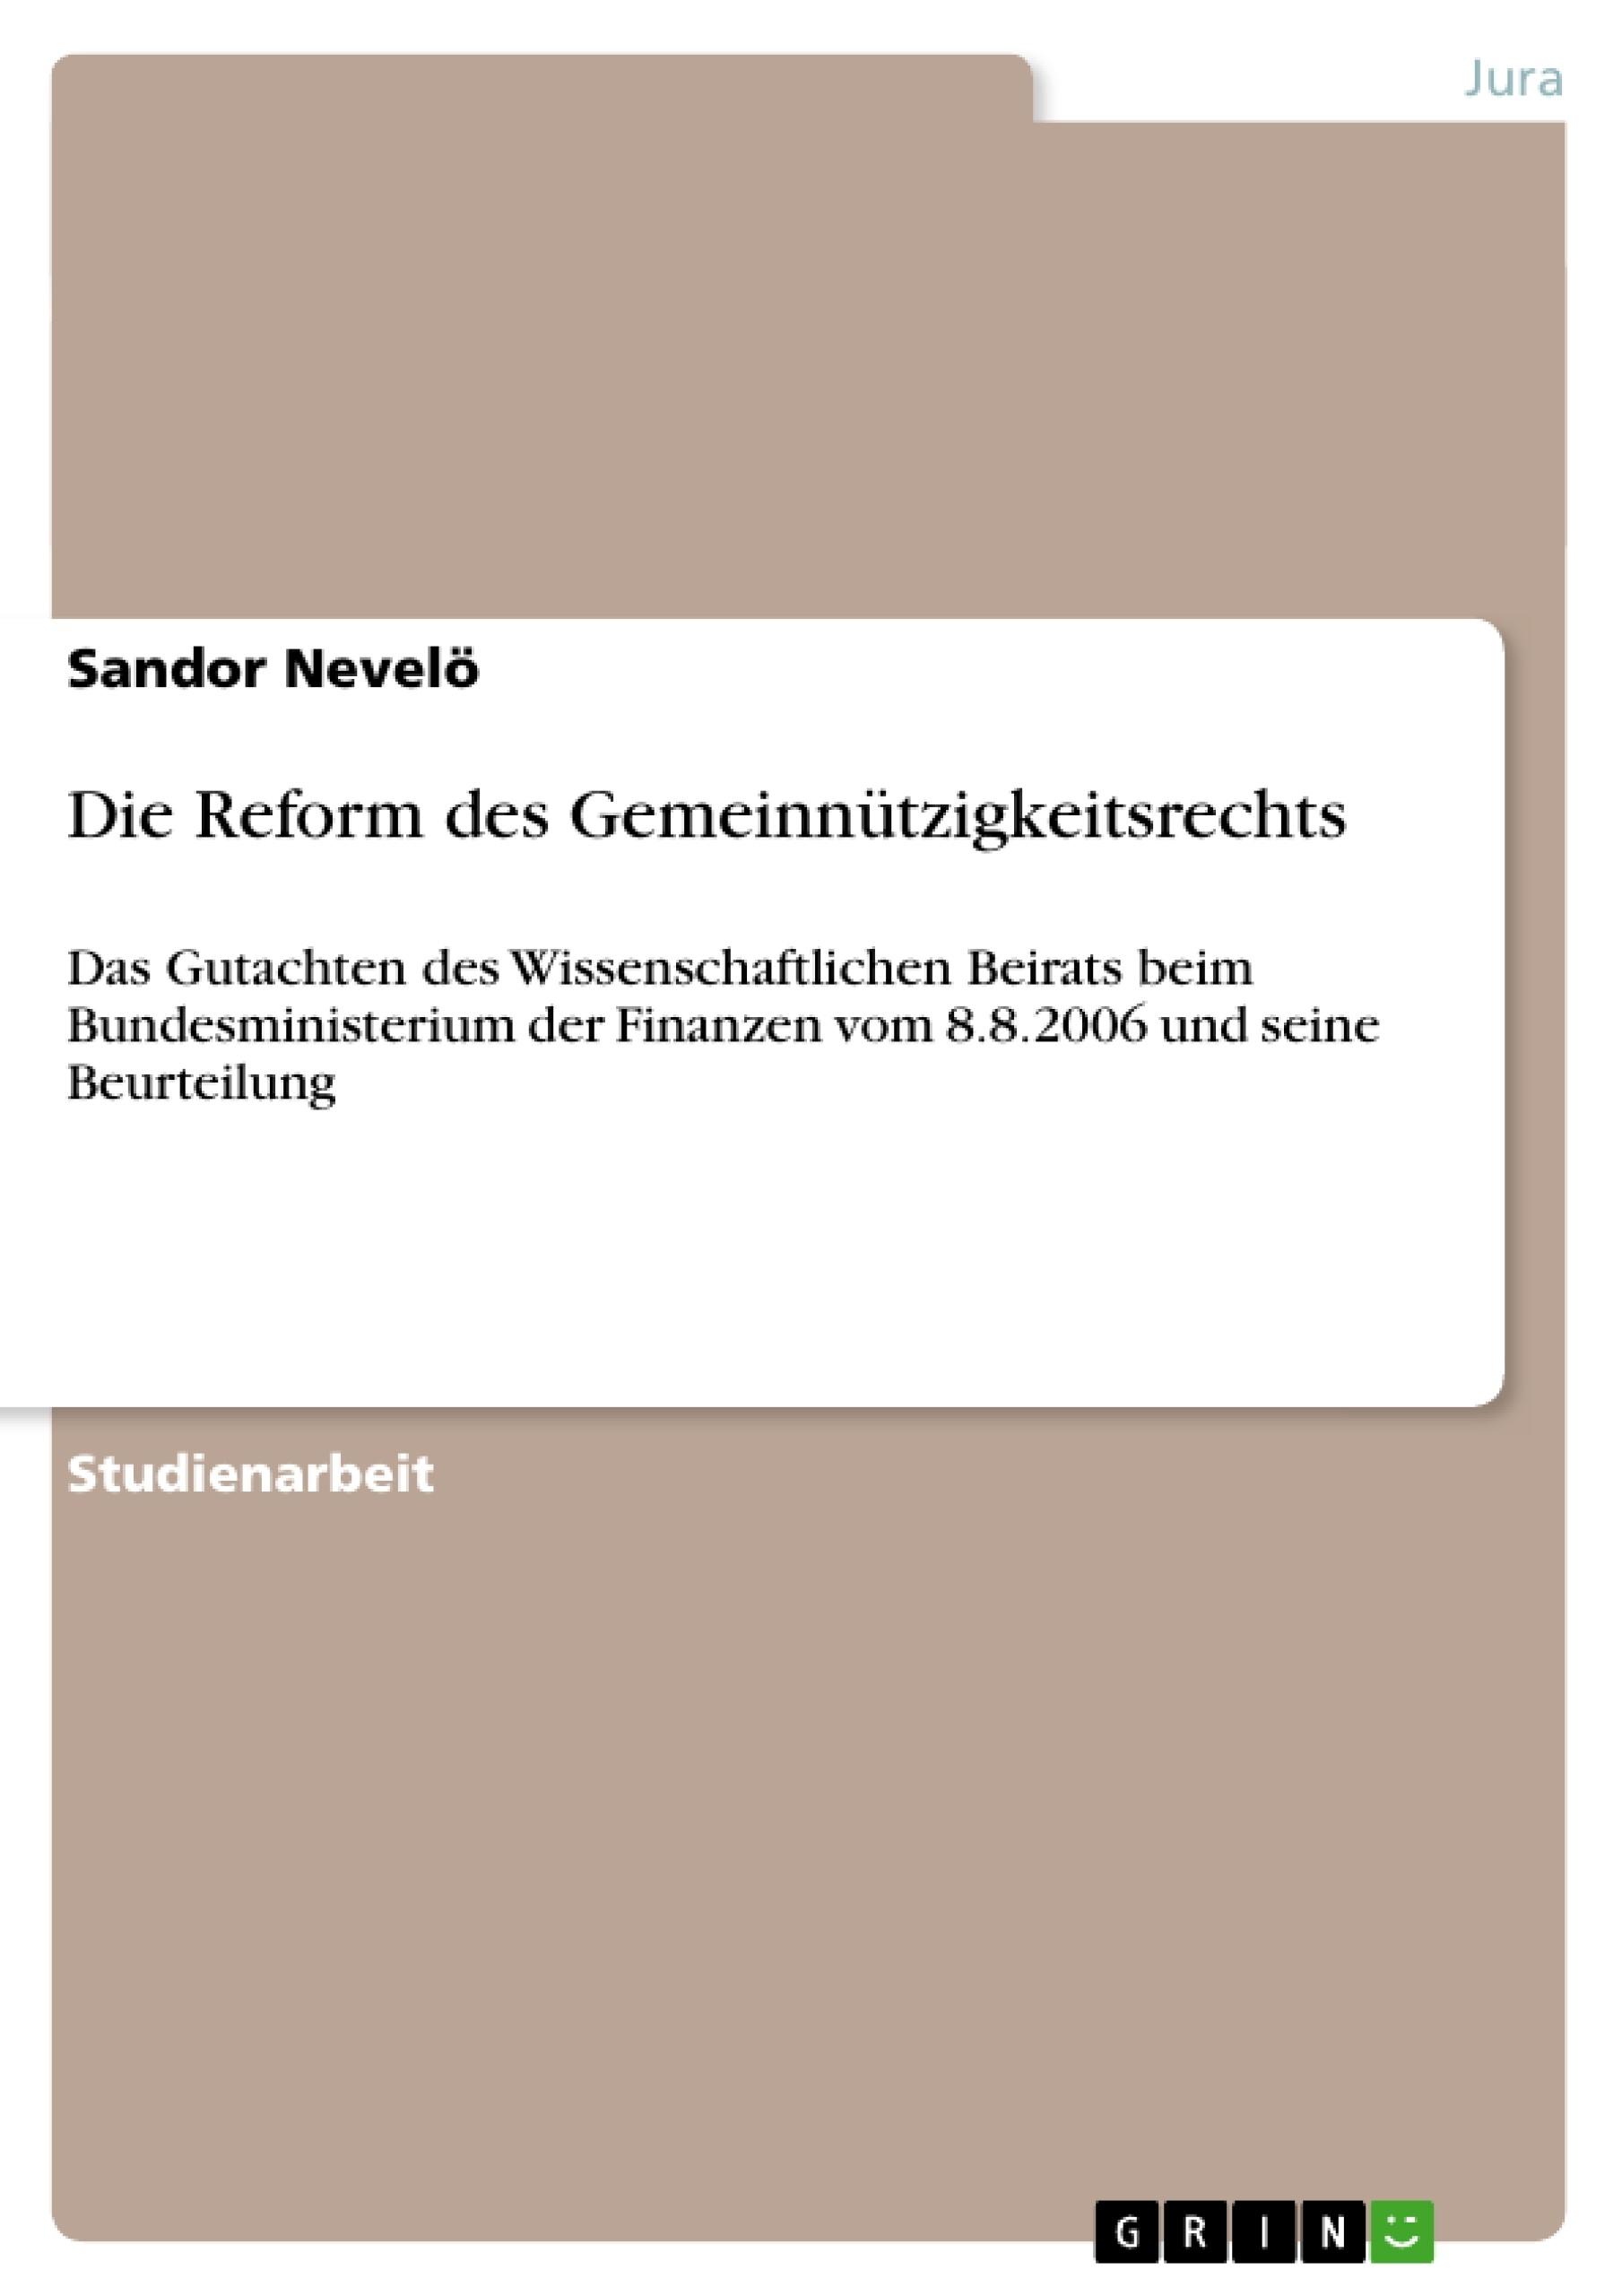 Titel: Die Reform des Gemeinnützigkeitsrechts